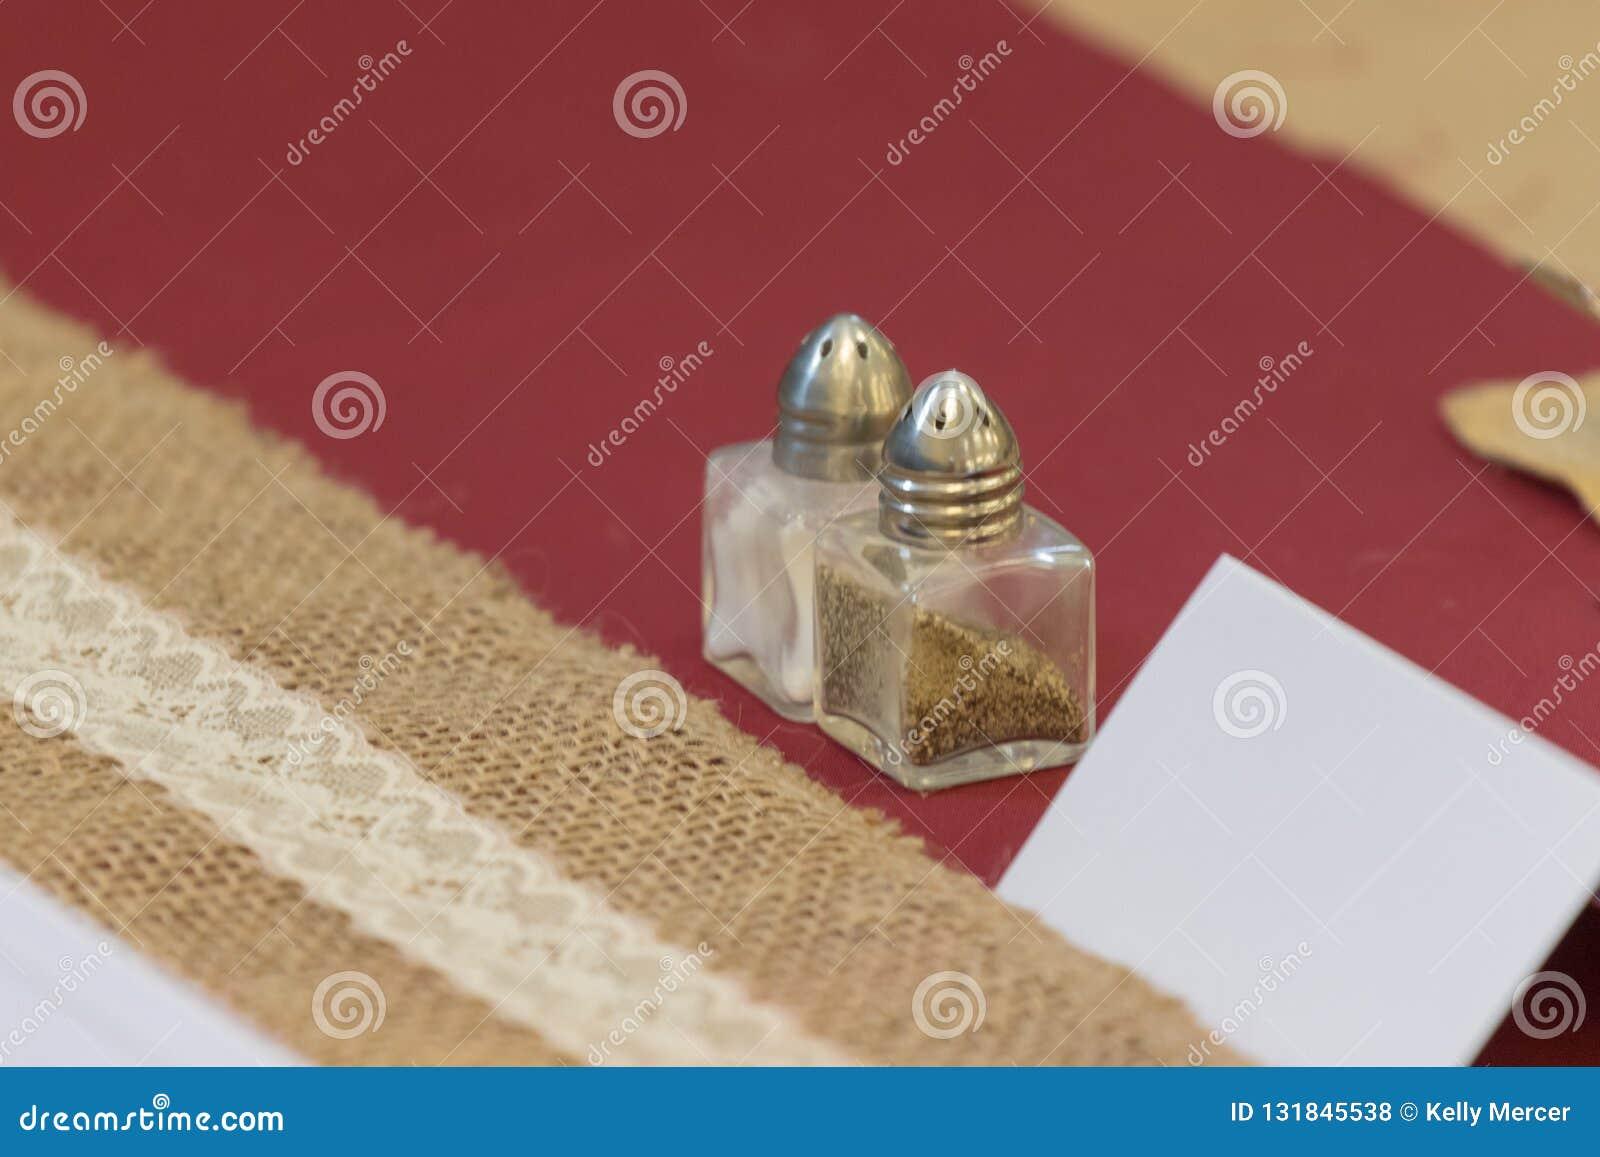 Brölloptabellinställningen saltar och pepprar Shaker With Place Card